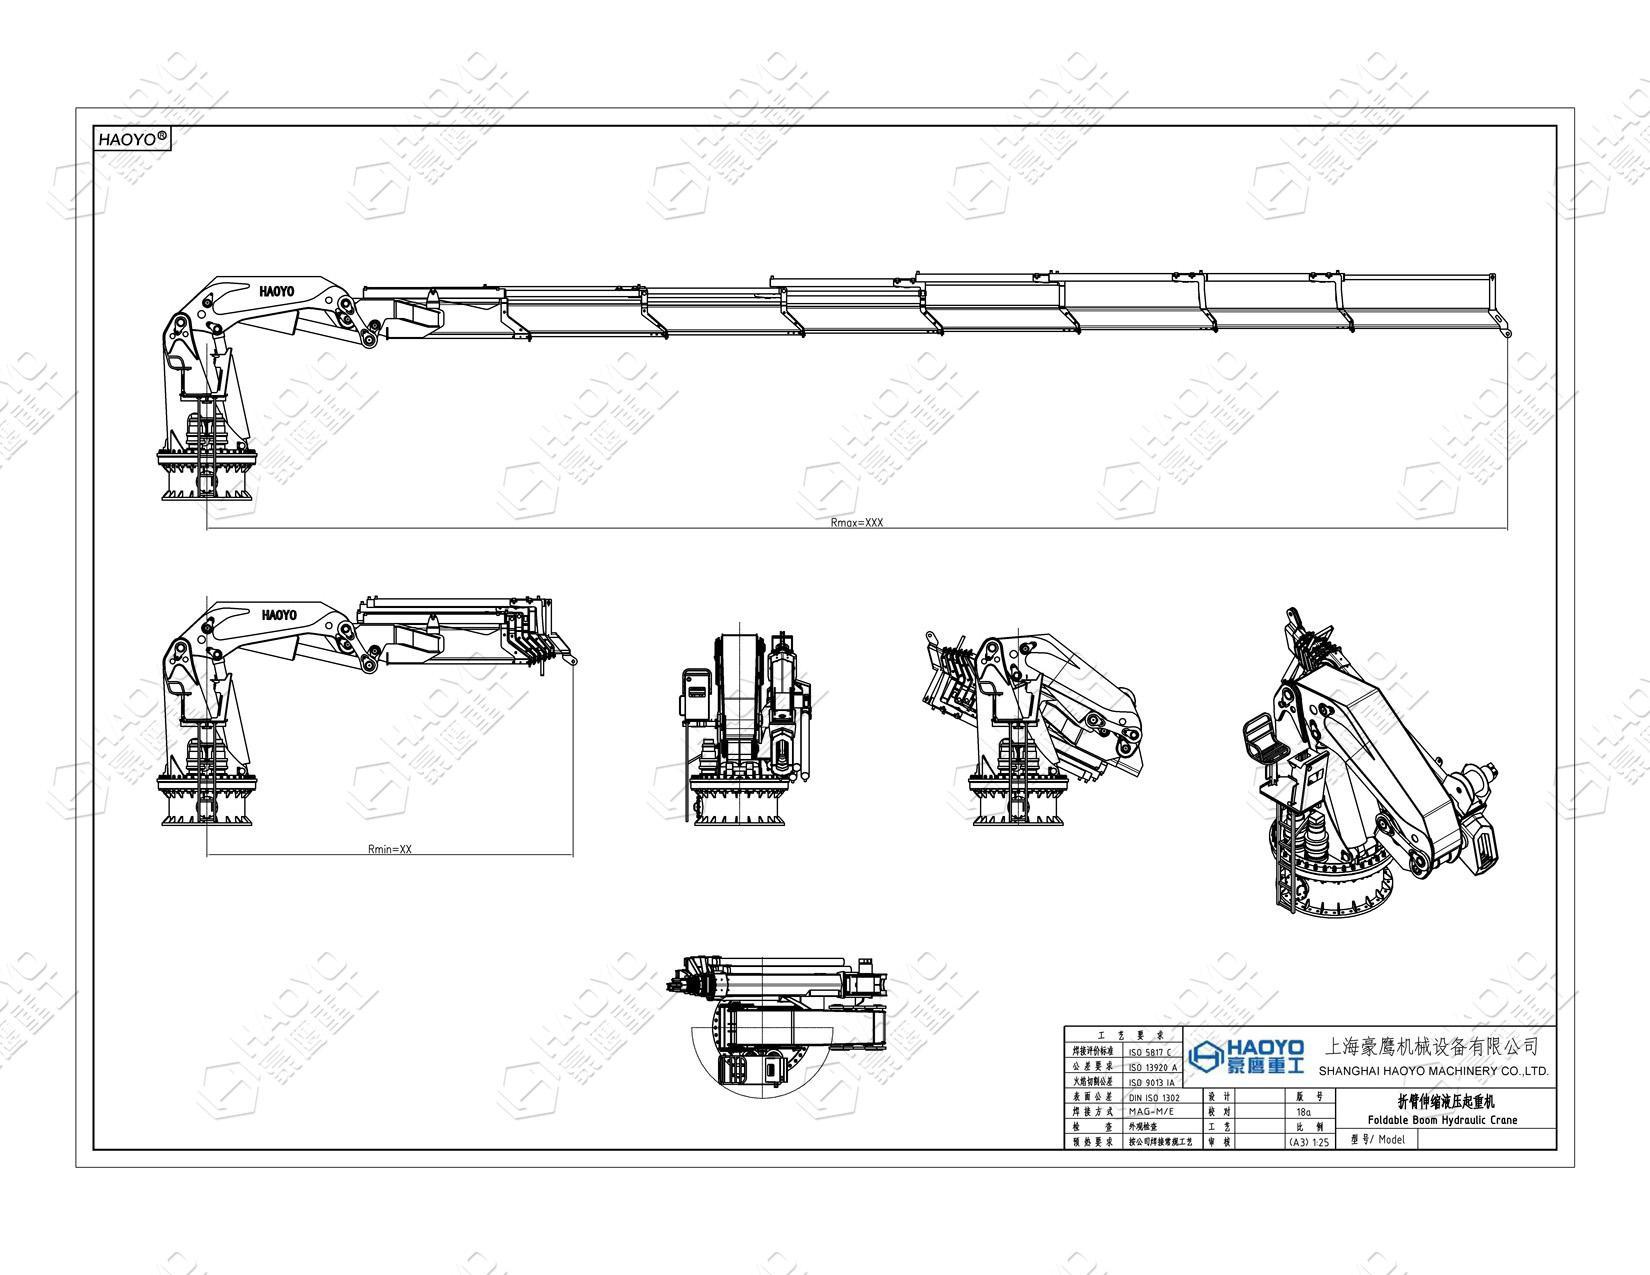 Hydraulic Folding Allied Marine Cams Crane 4